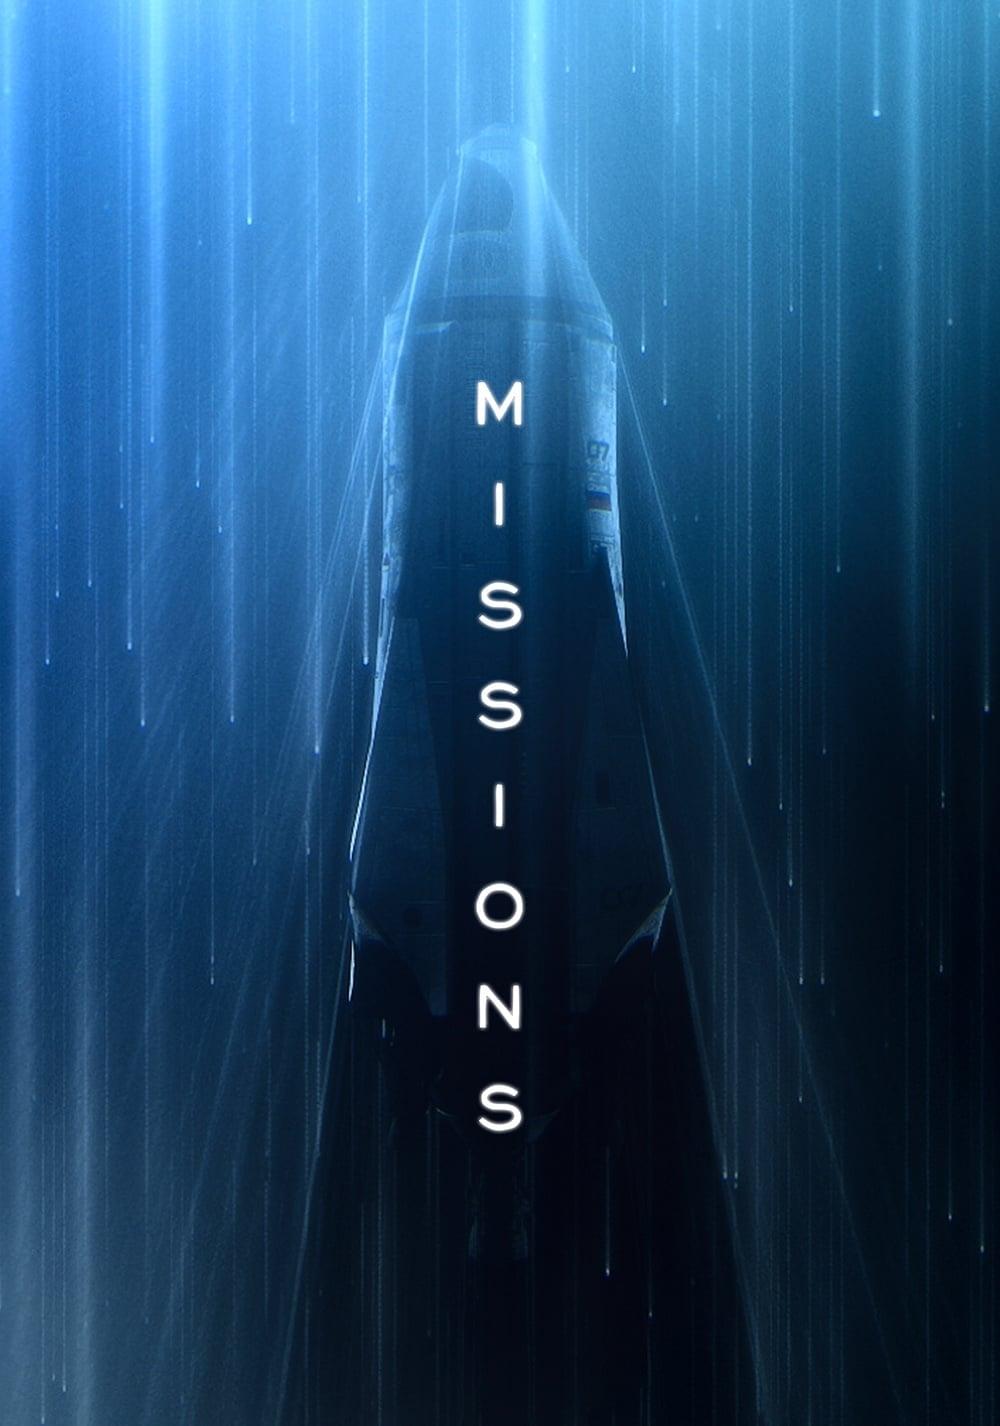 Missions Season 2